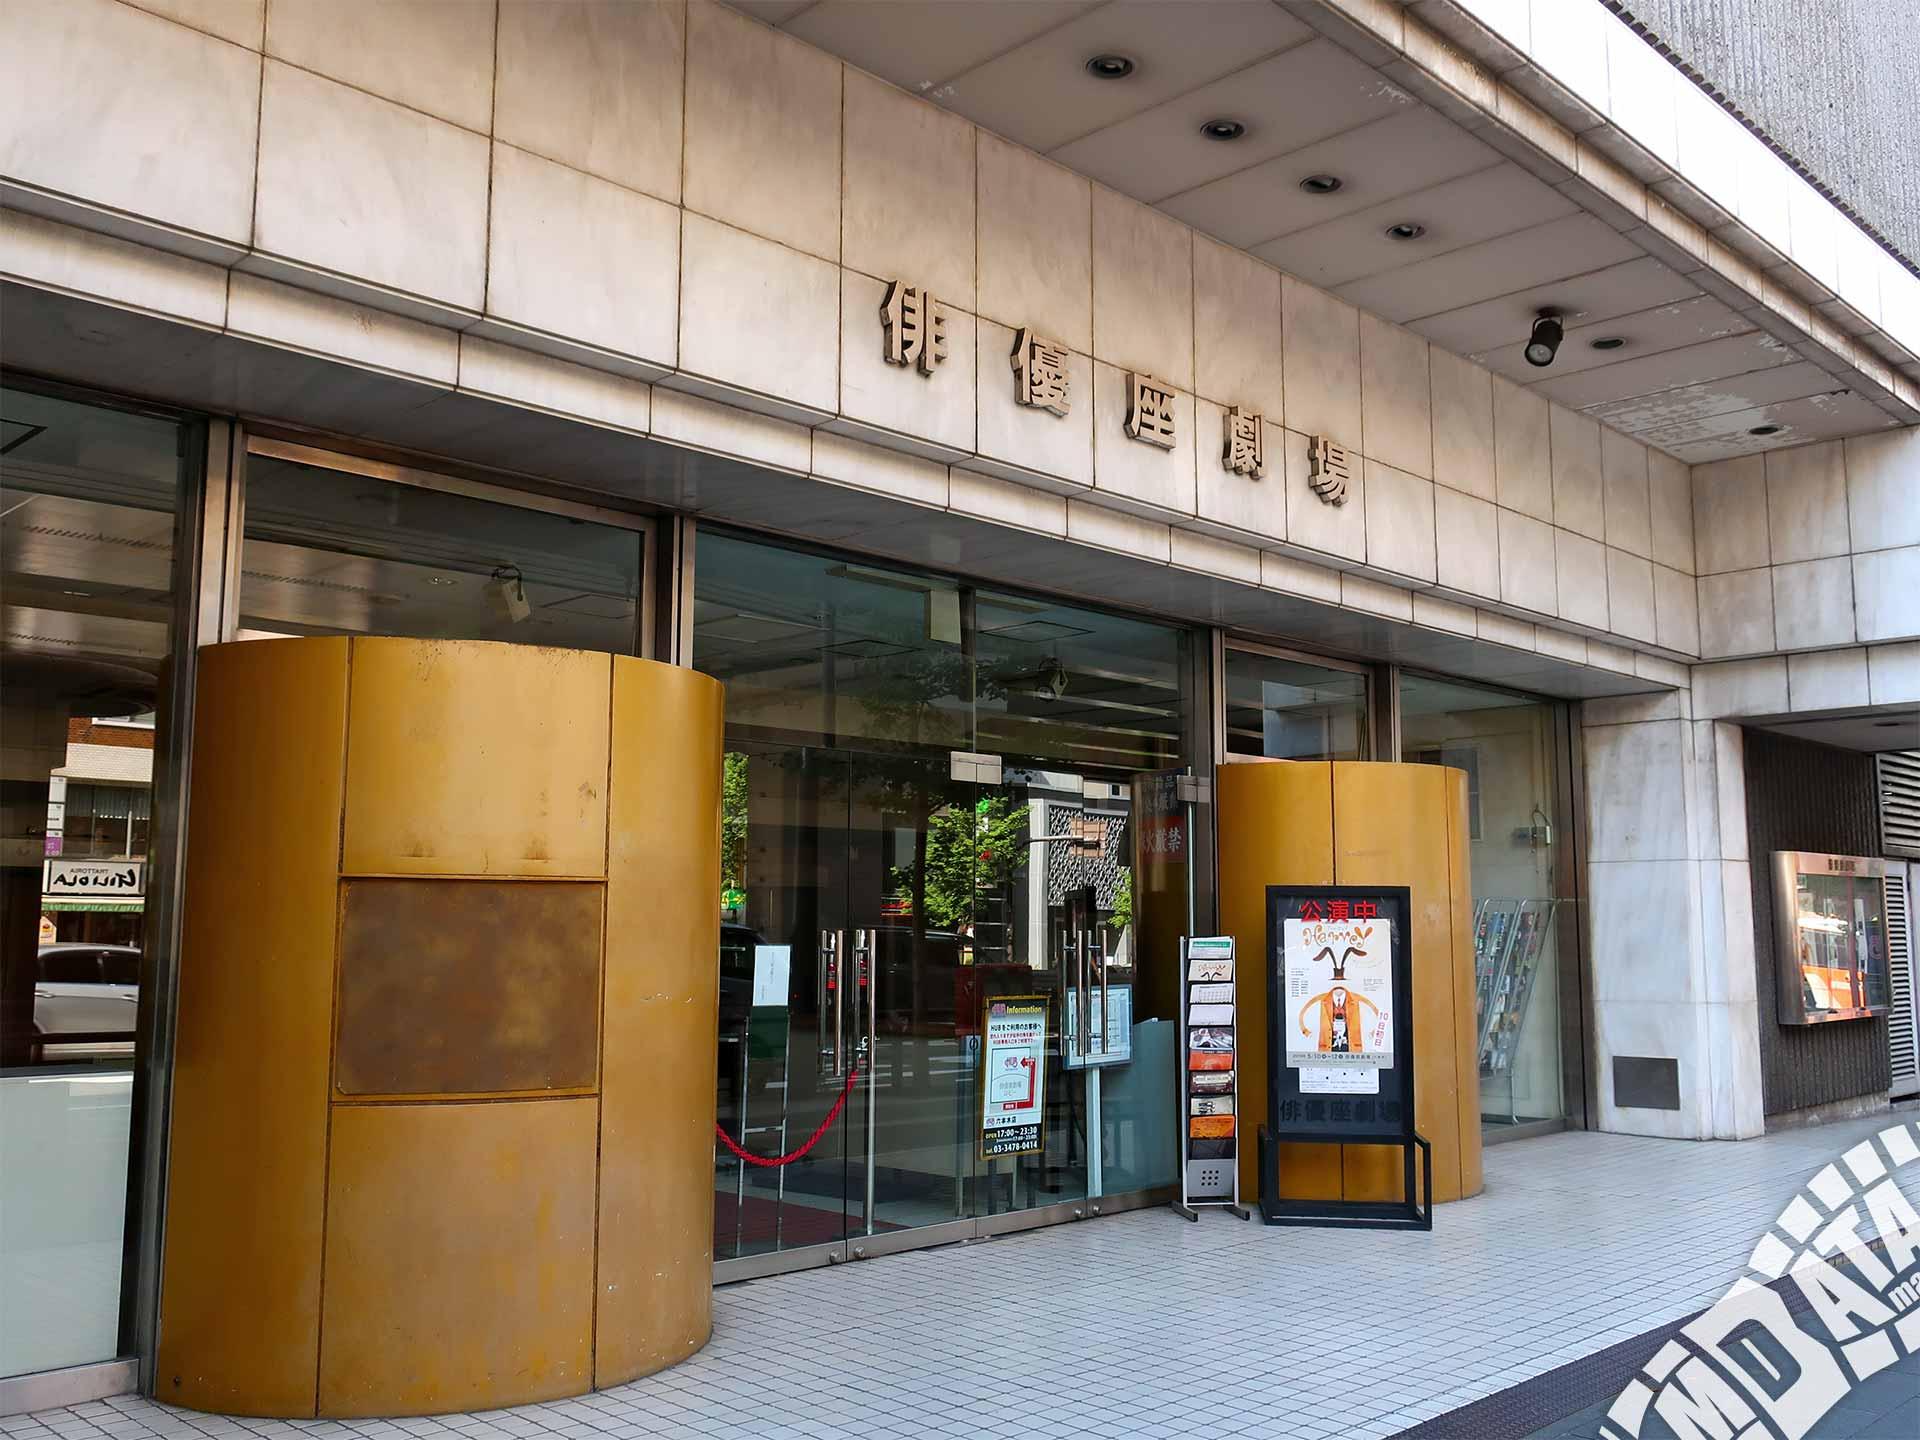 俳優座劇場 (東京都 港区) - LiveWalker.com